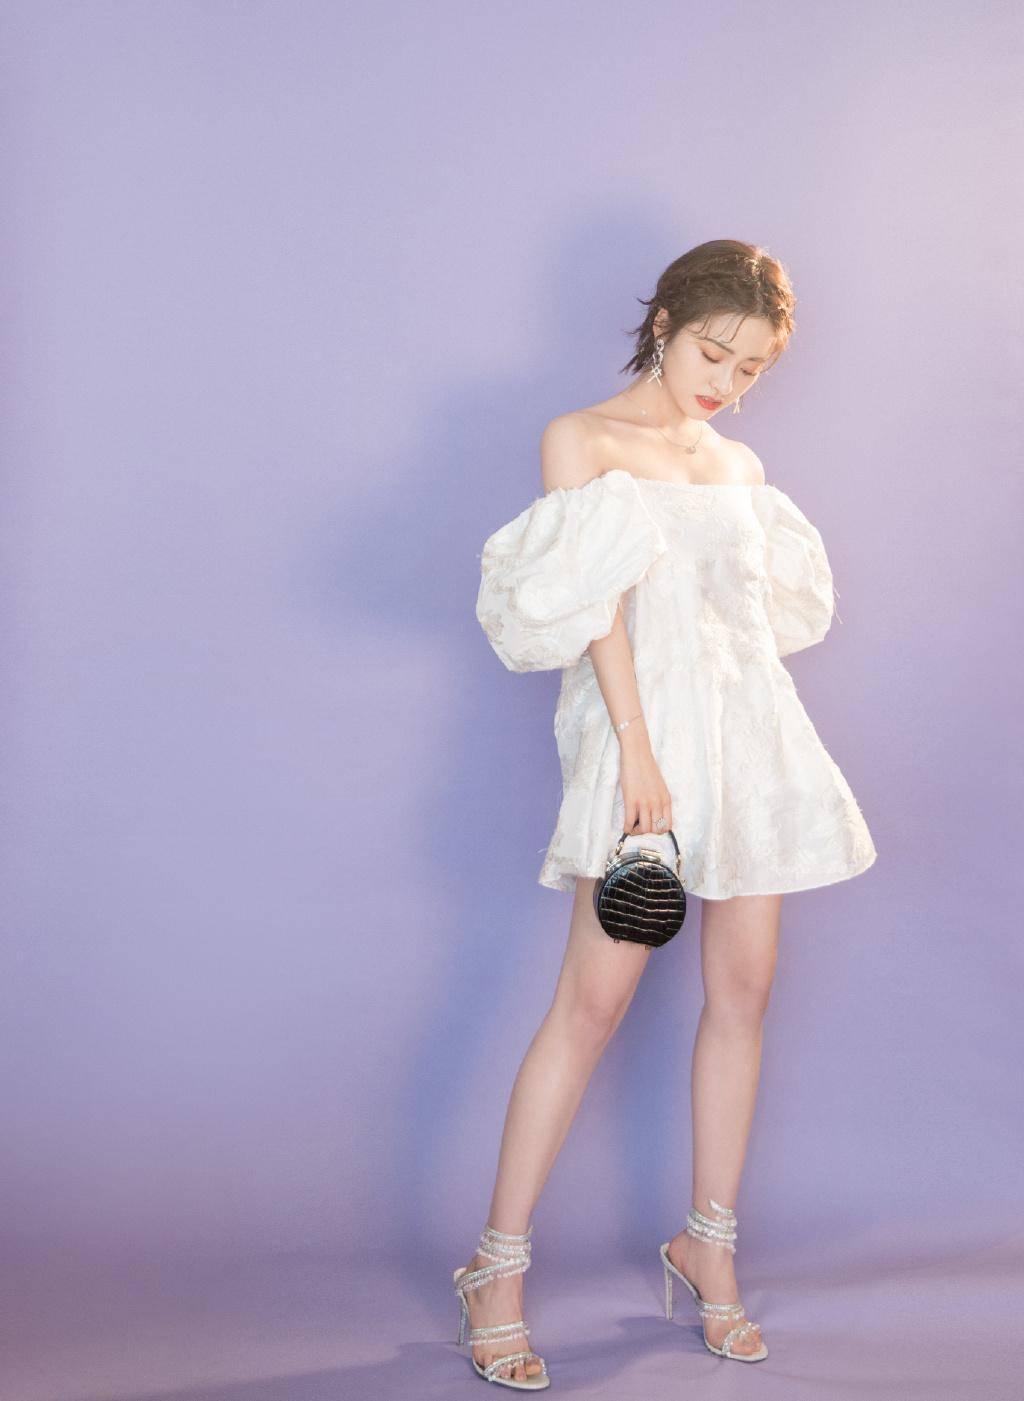 """原创             沈月穿纯白礼裙梦幻浪漫,蓬蓬裙摆泡泡袖,变身高贵""""小公主"""""""